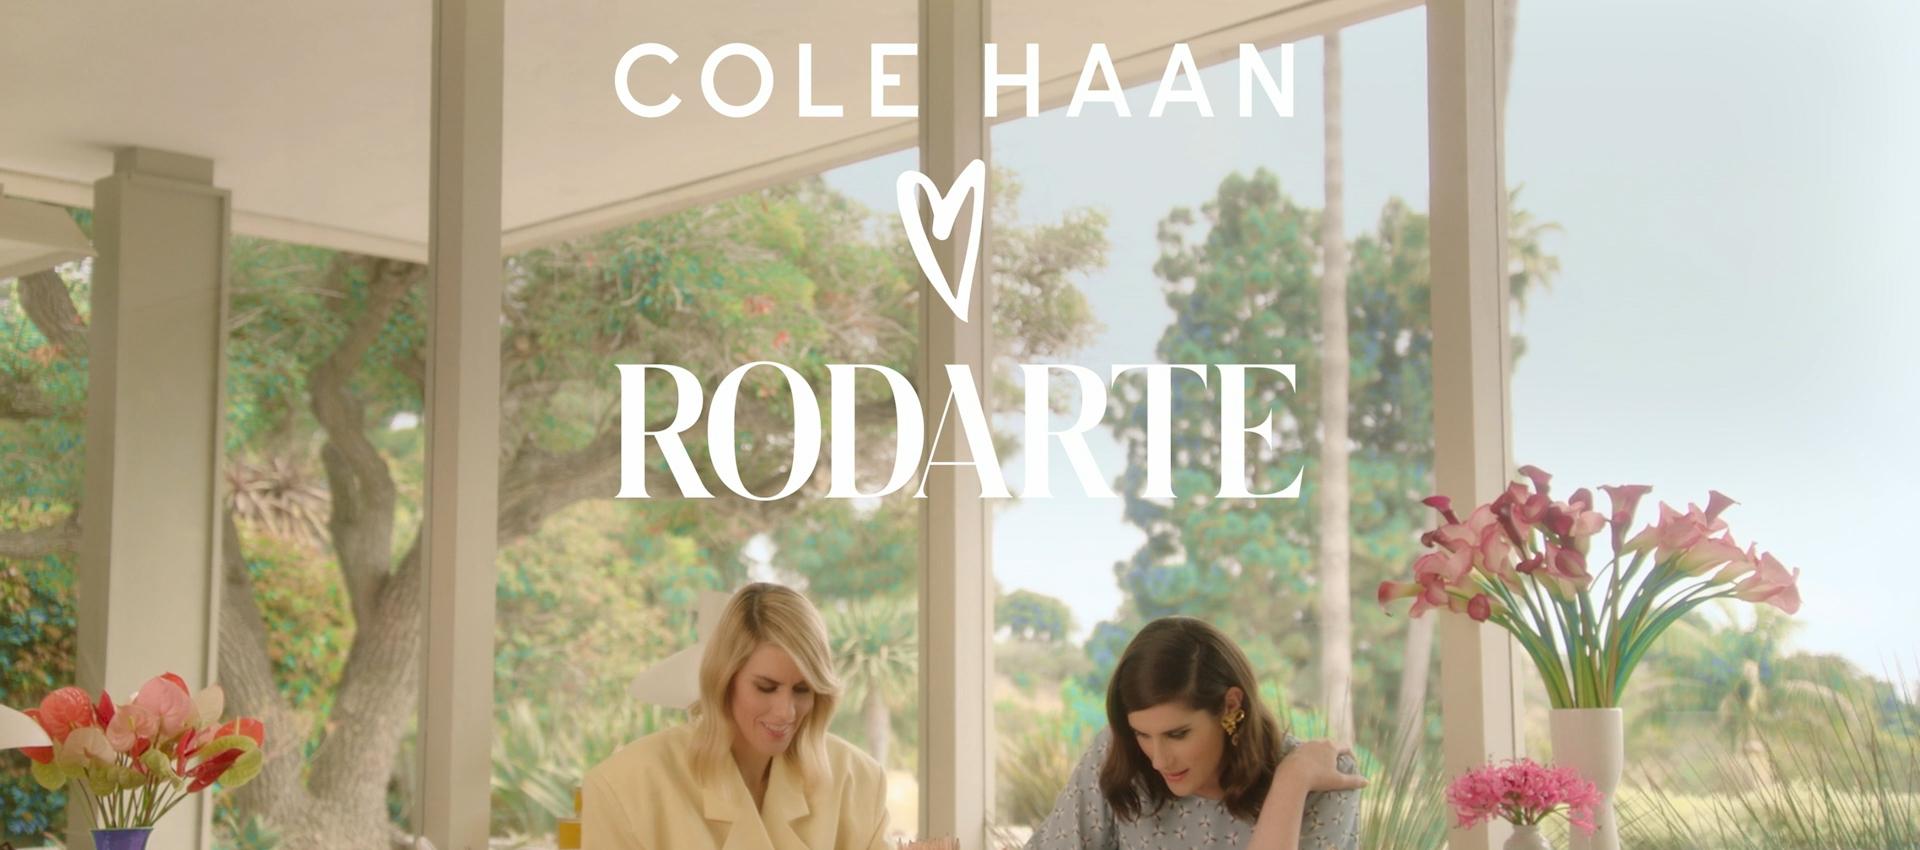 Cole Haan Teams Up With Rodarte To Disrupt...